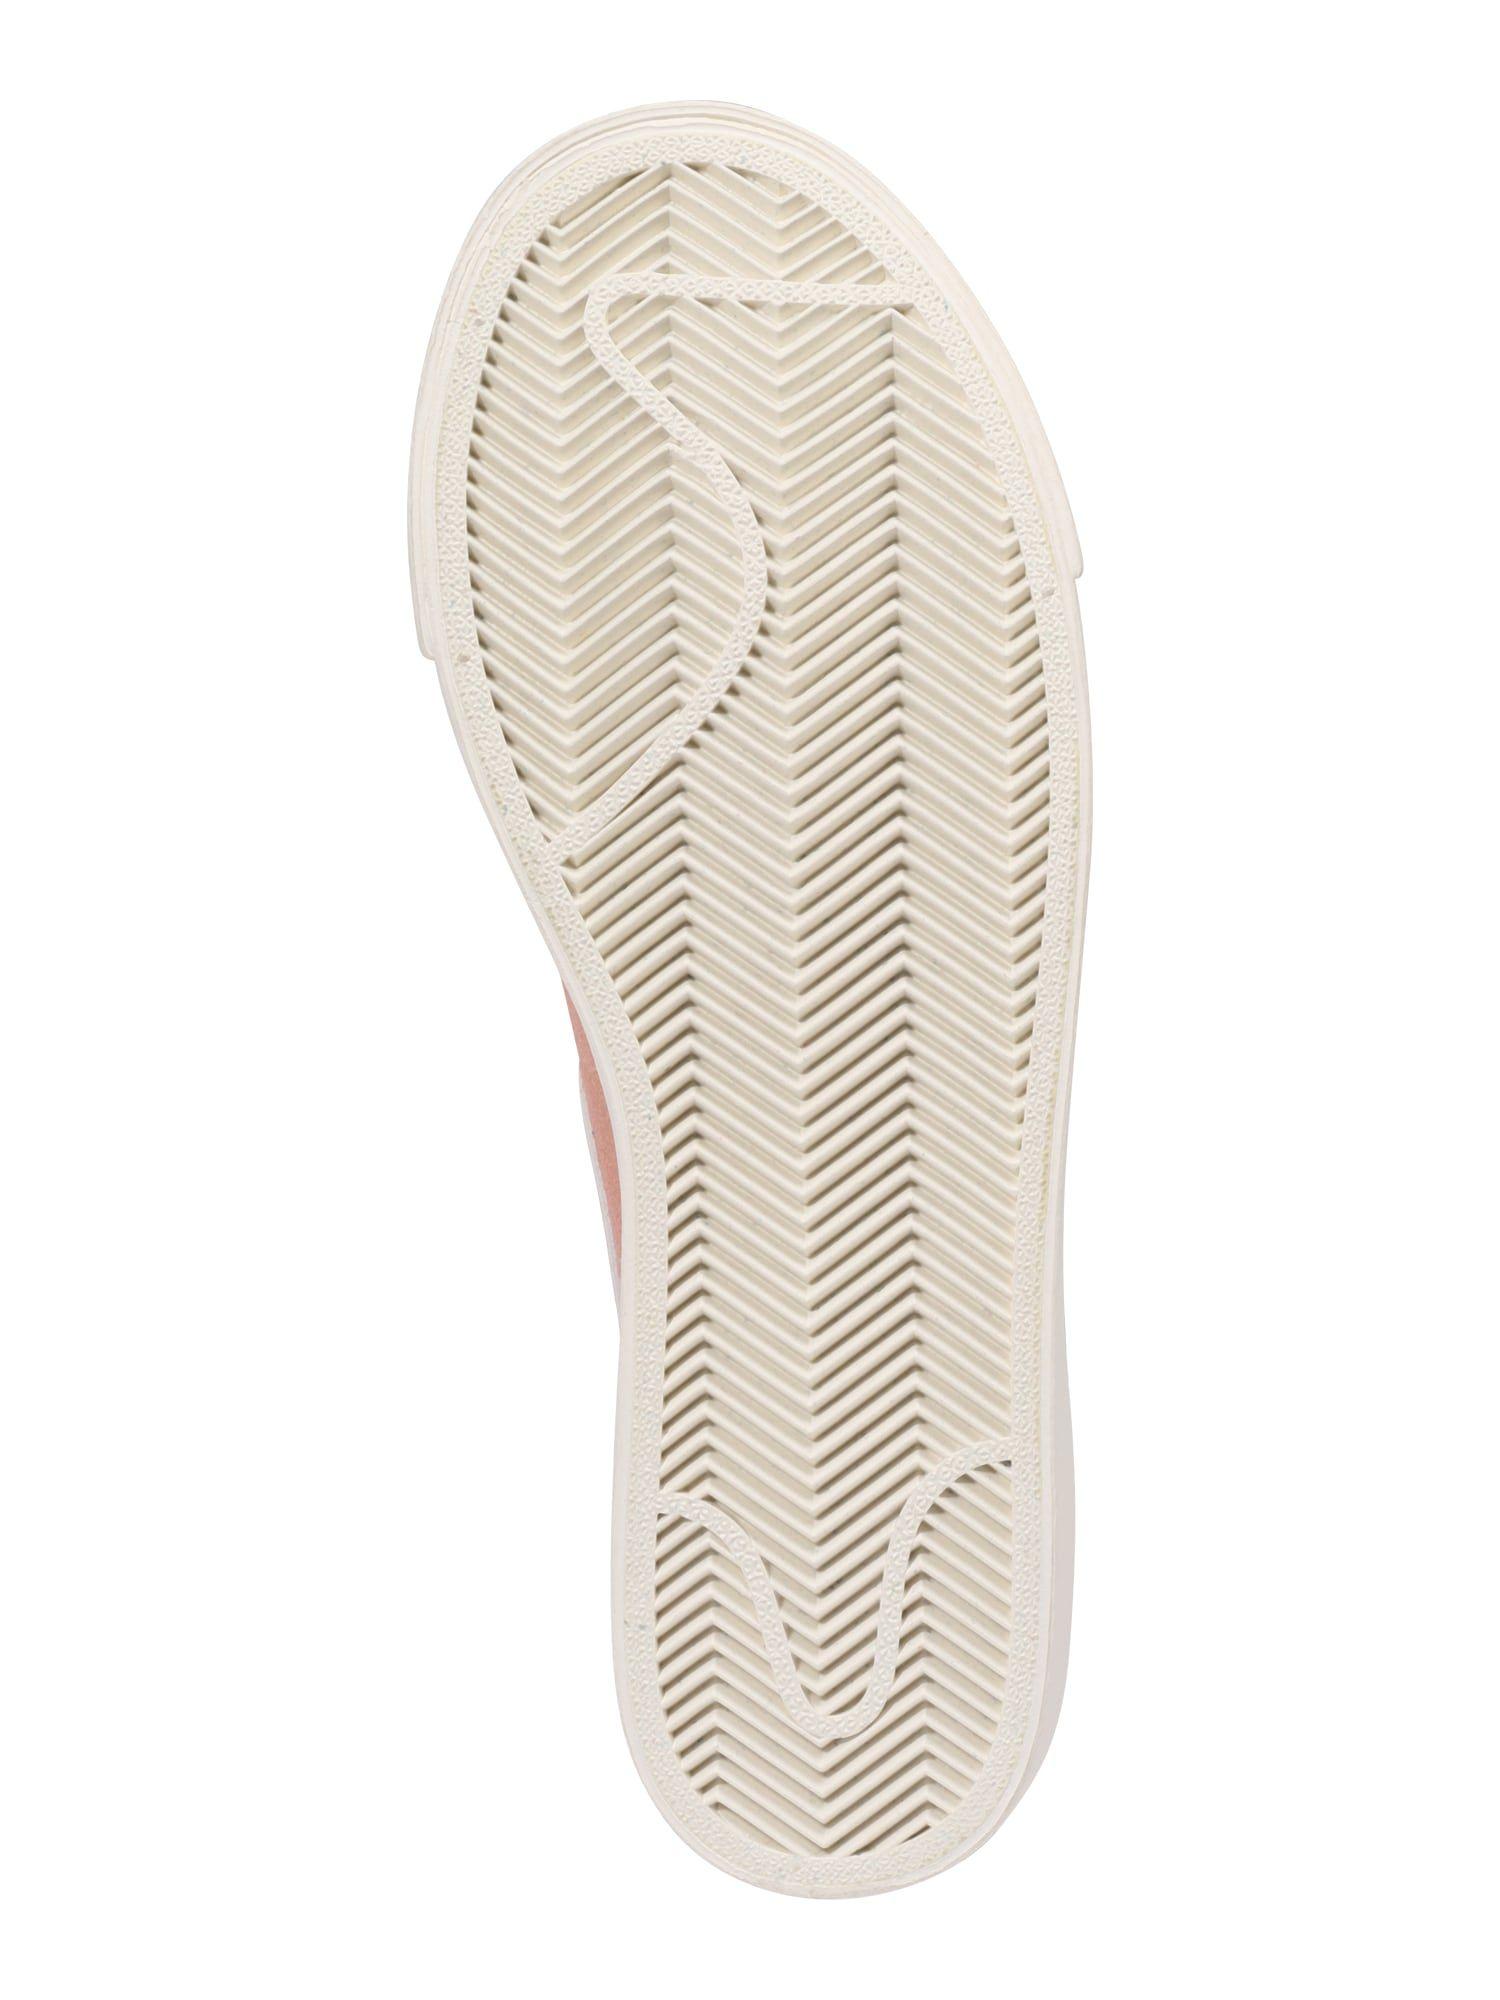 Nike Sportswear Sneaker Blazer Low Damen Weiss Altrosa Grosse 38 Nike Sportswear Blazer Und Altrosa